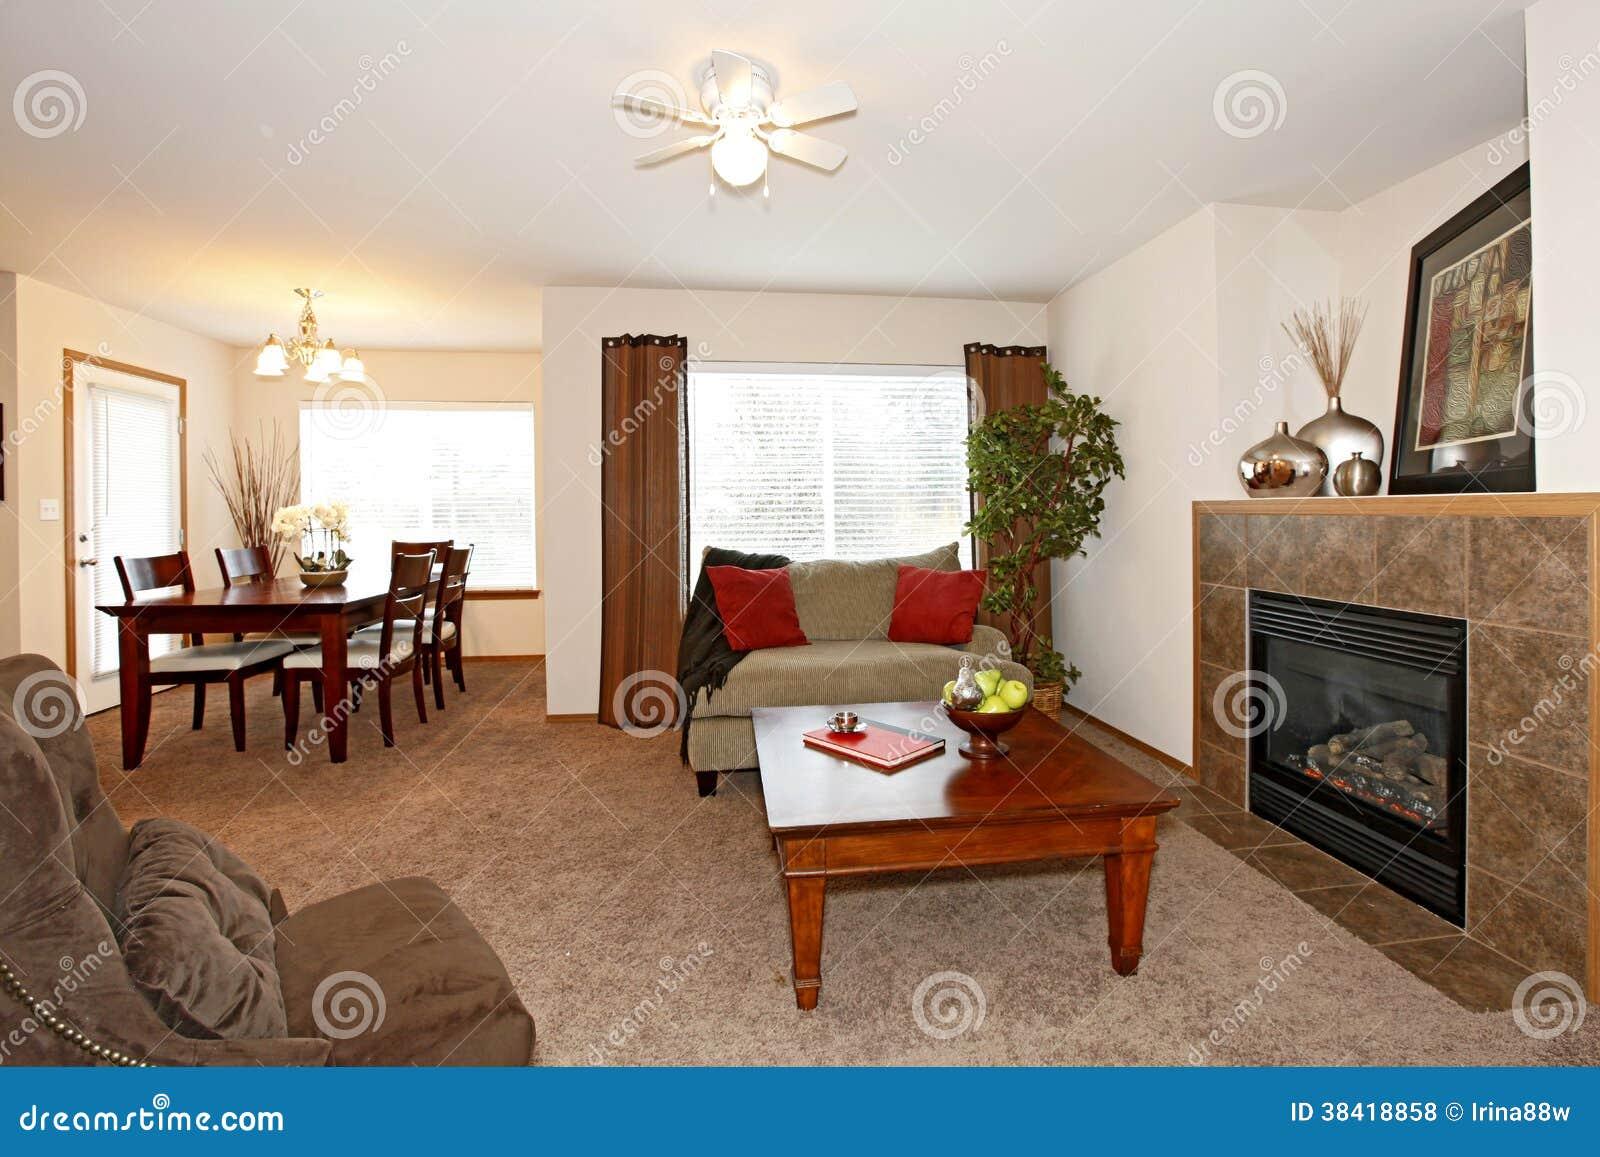 Ansprechend Gemütliches Wohnzimmer Dekoration Von Gemütliches Mit Einem Kamin